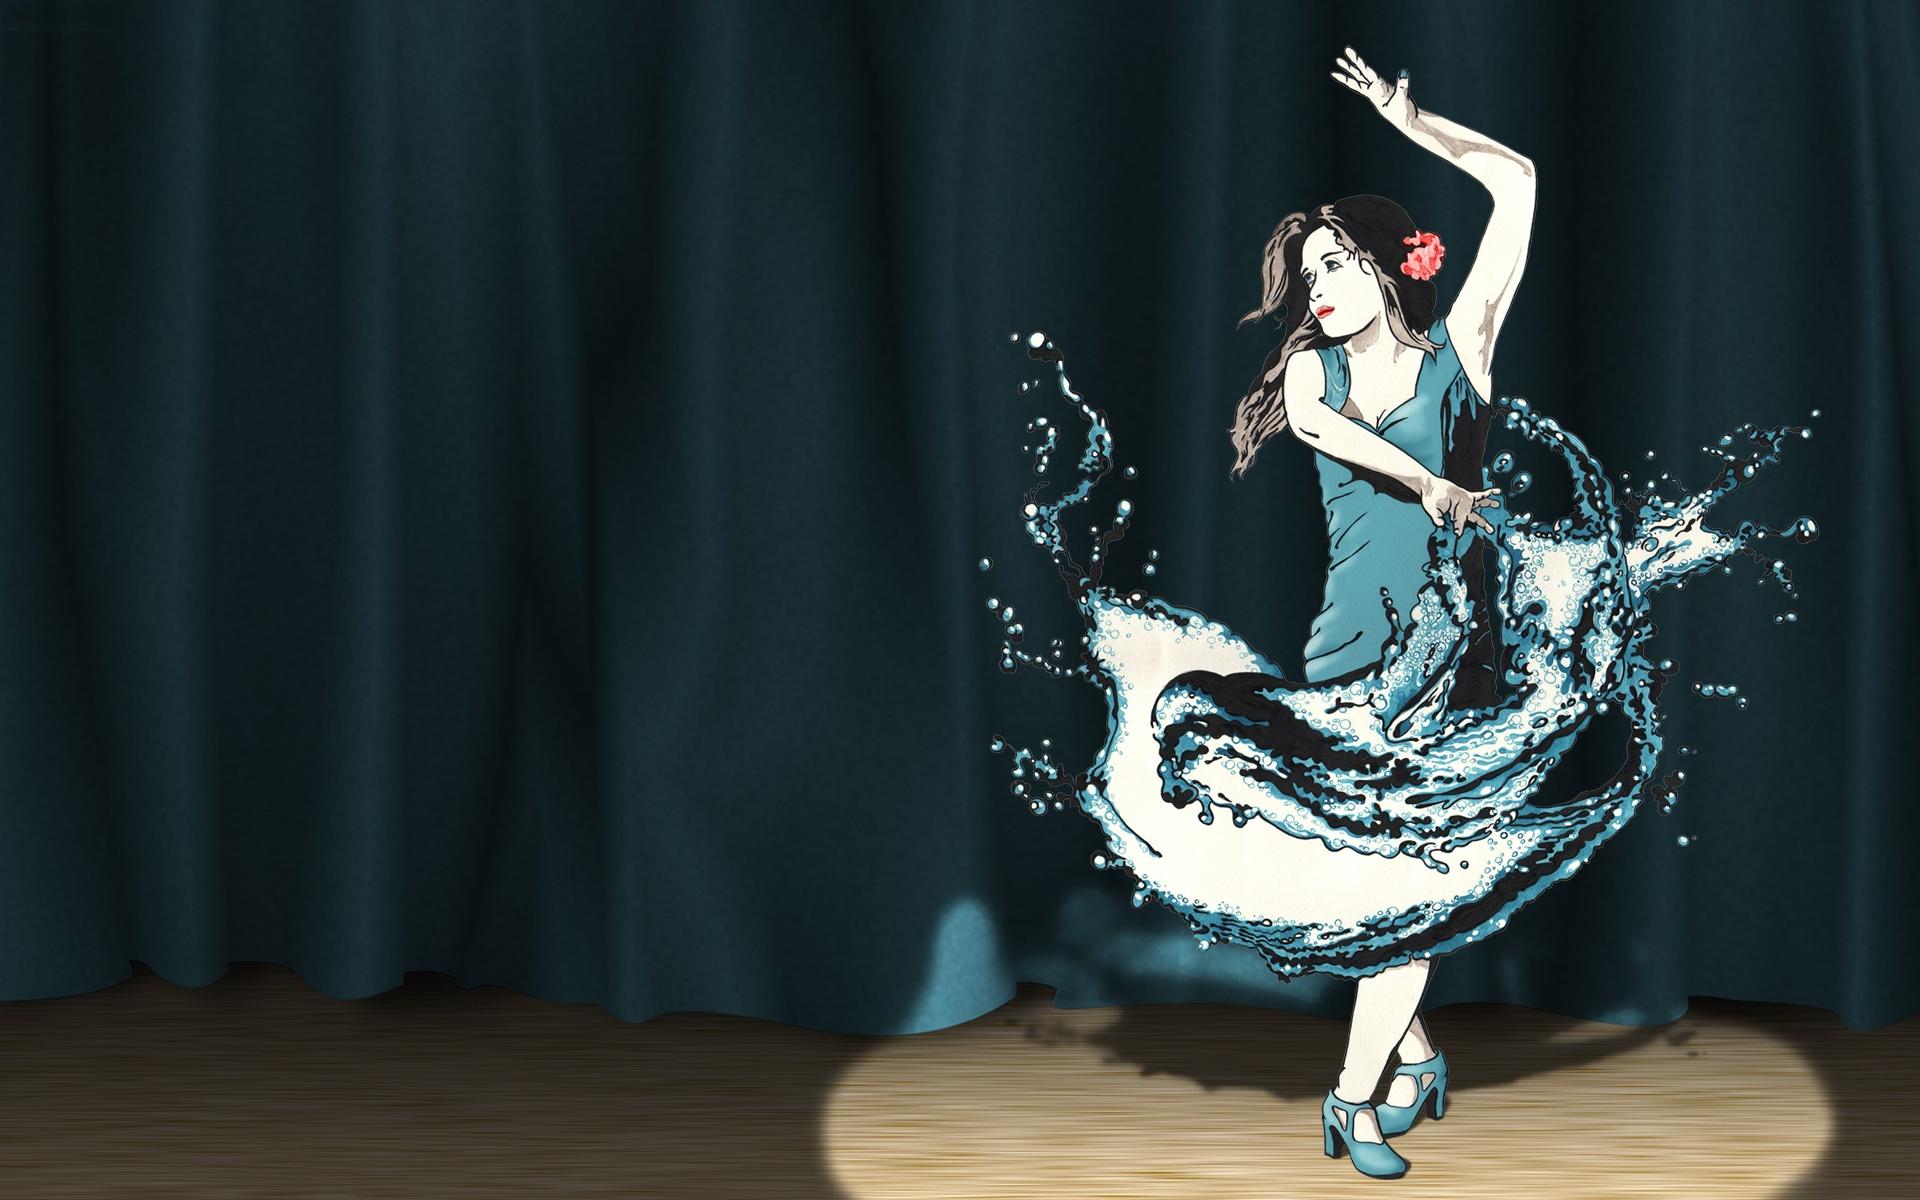 Splash Dance Wallpapers HD Wallpapers 1920x1200